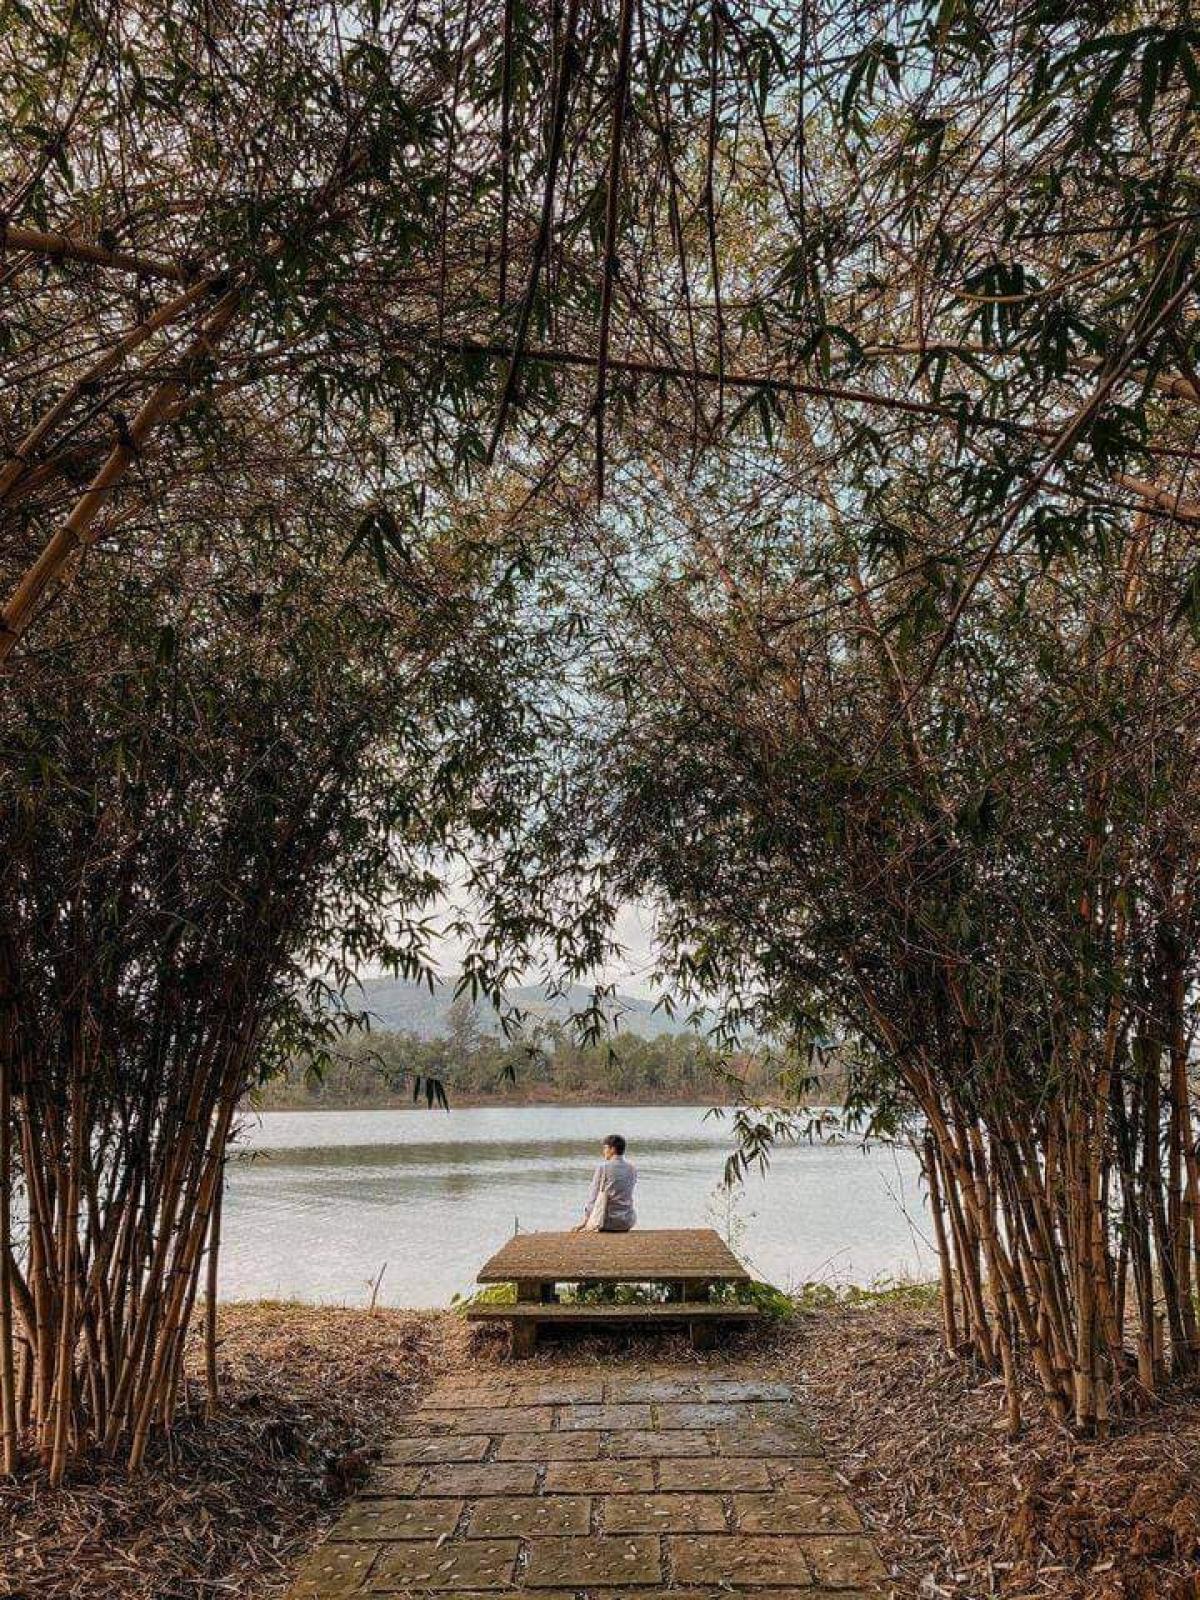 Khu Hue Ecolodge (TP. Huế)nằm ven sông Hương với những trải nghiệm thanh bình tại vườn cây thanh trà và khung cảnh đồng quê. Một số điểm check-in độc đáo là bến nước ven sông Hương, không gian nhà vườn Huế...